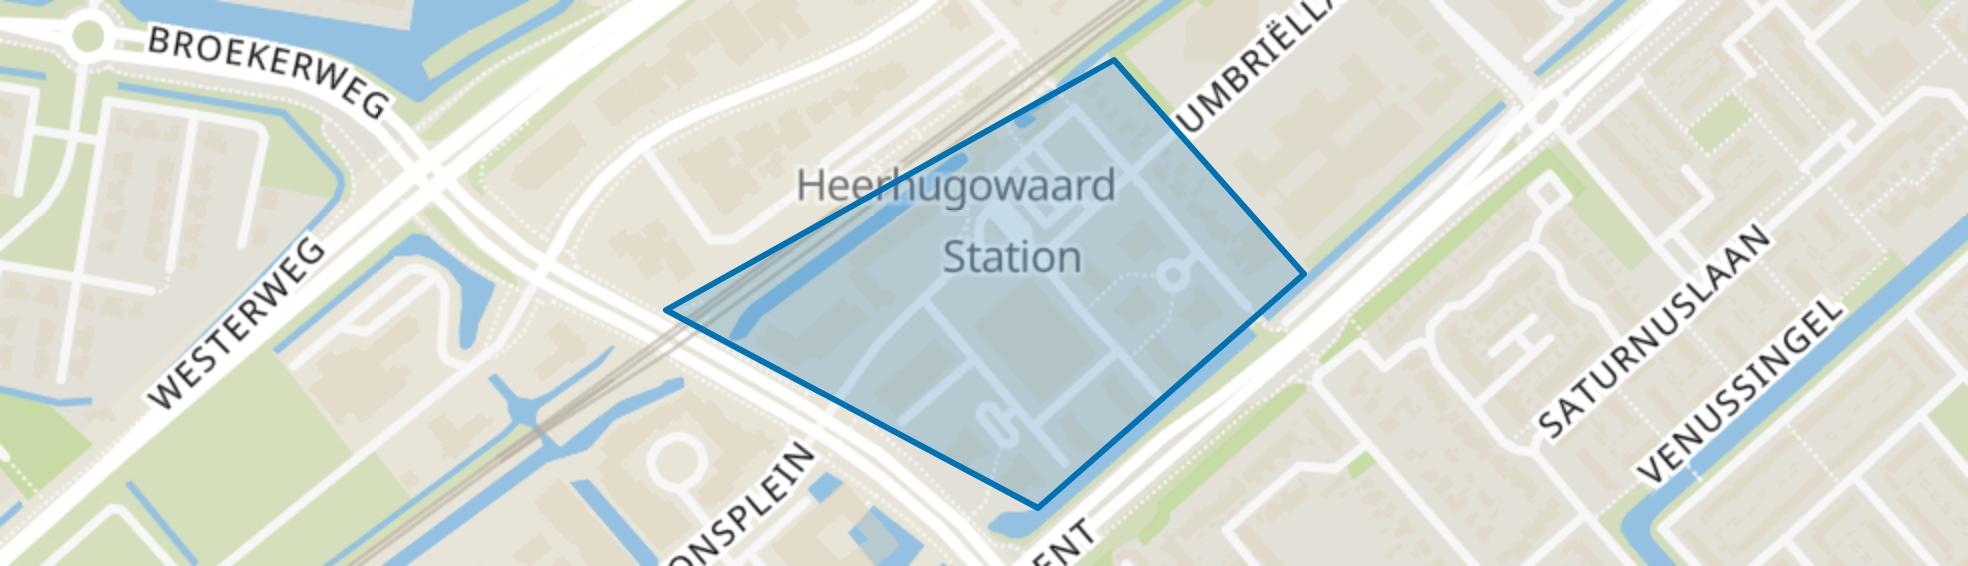 Stationsplein, Heerhugowaard map